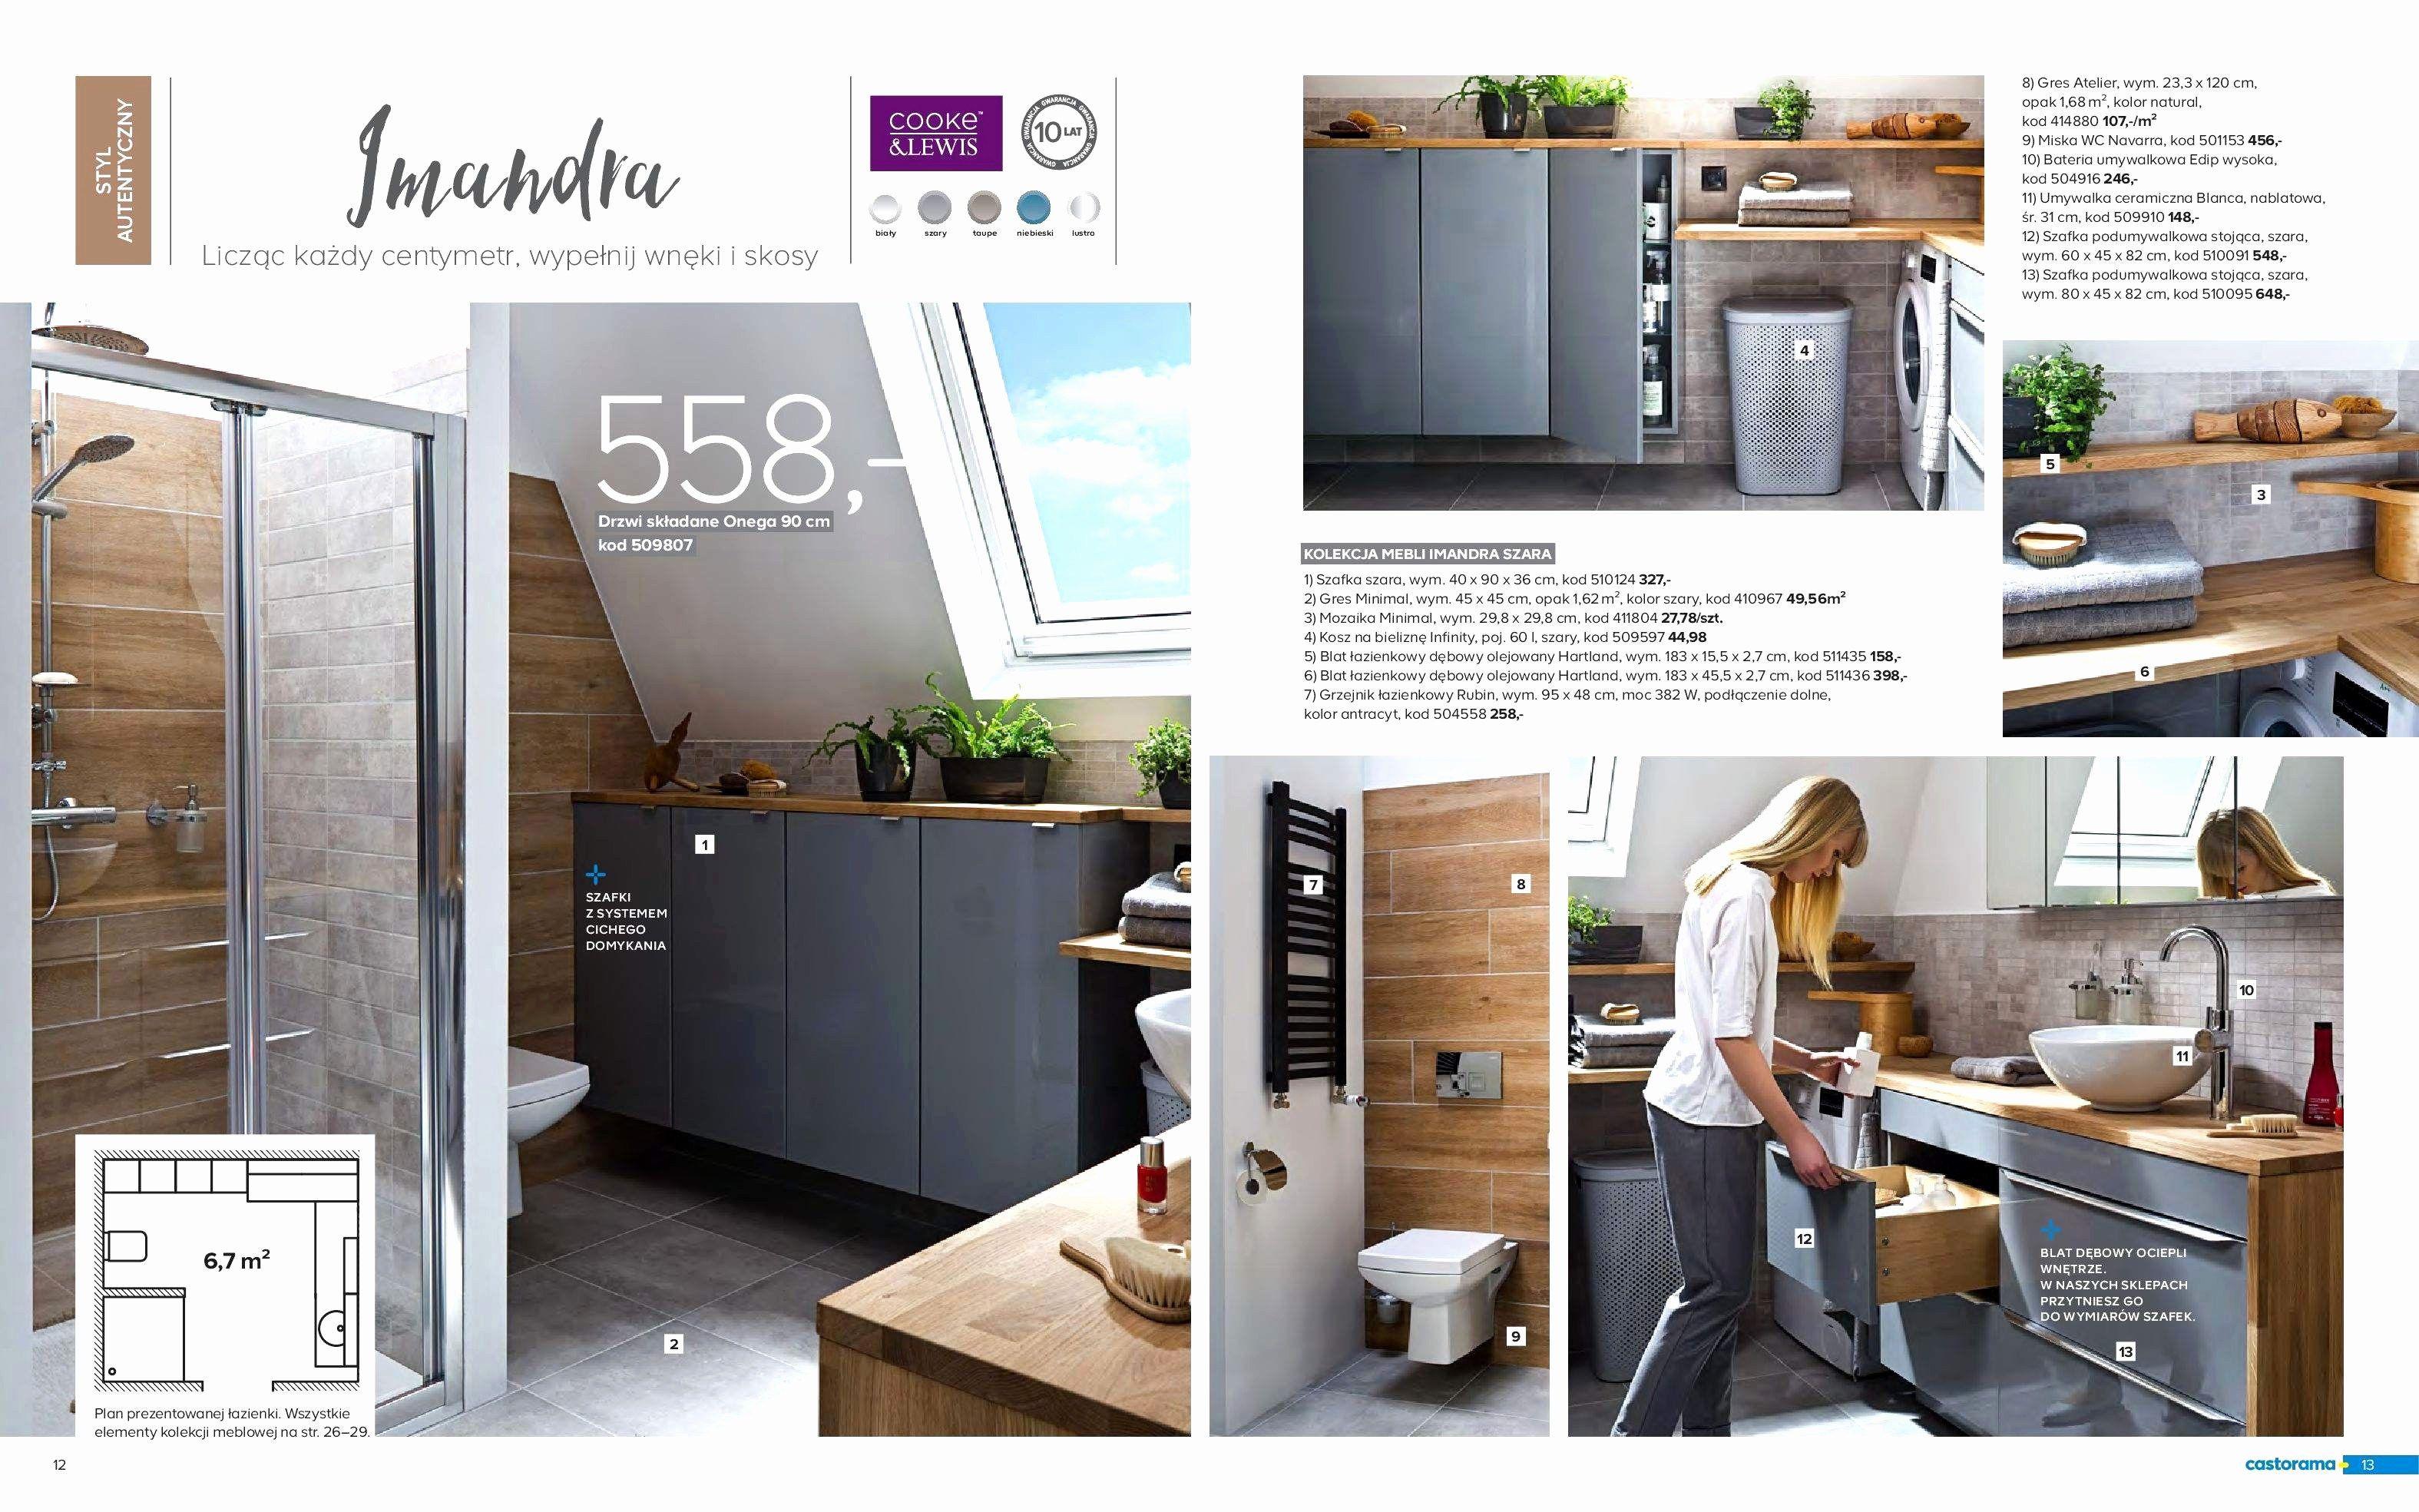 Best Of Cuisine Beige Et Taupe Cuisine Beige Salle De Bains Moderne Idees Pour La Maison